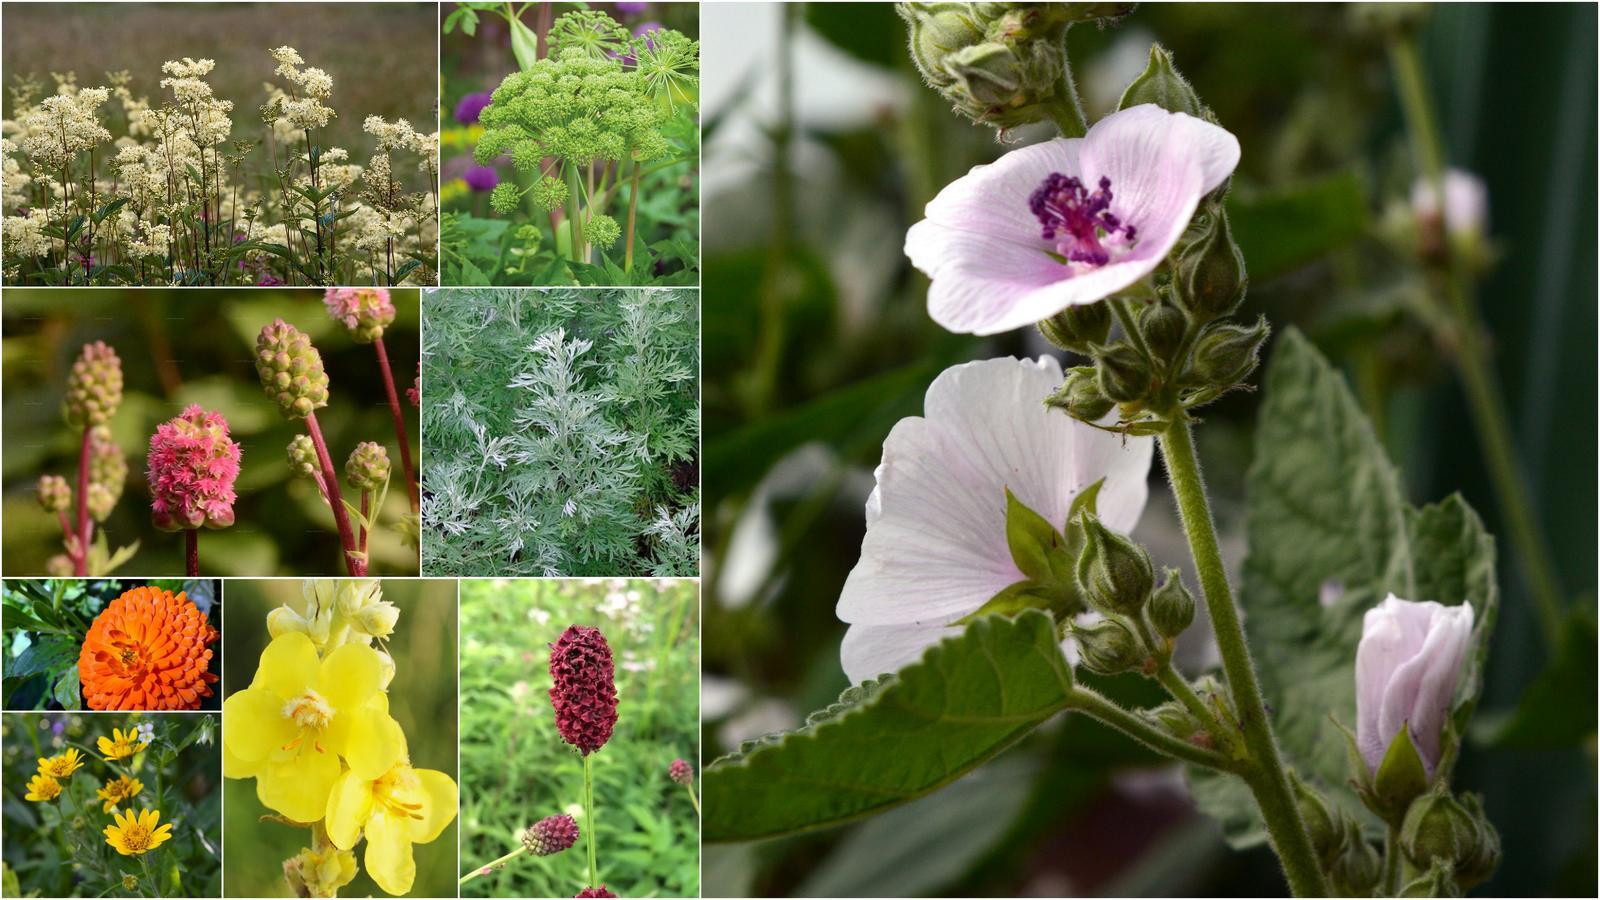 Liečivky (semená) - túžobník, angelika, krvavce, palina, arnika, .... - Obrázok č. 1